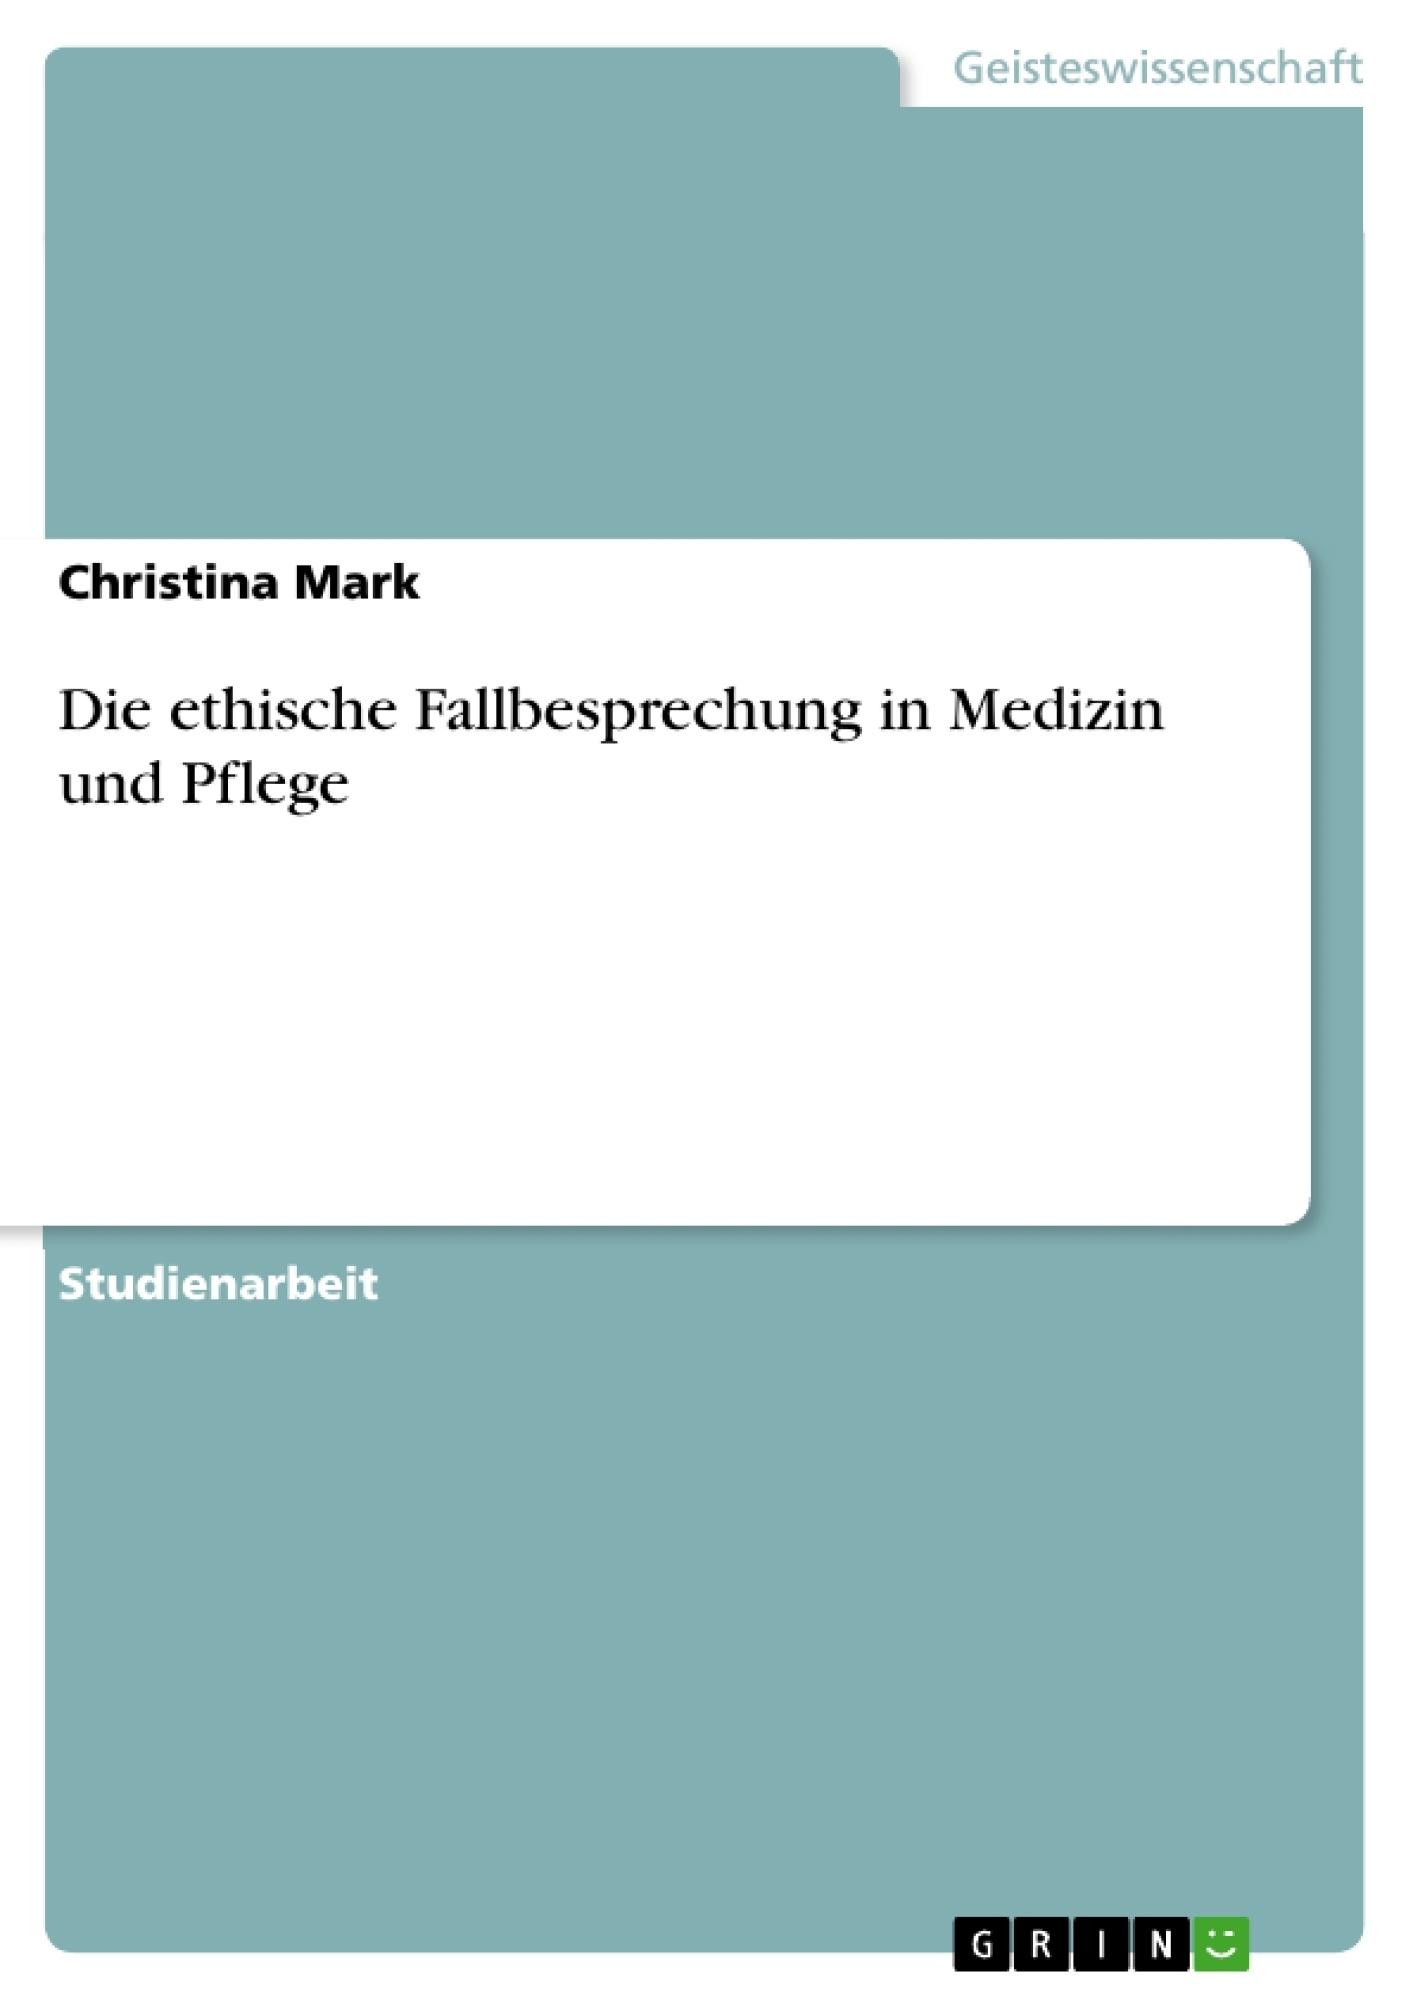 Titel: Die ethische Fallbesprechung in Medizin und Pflege